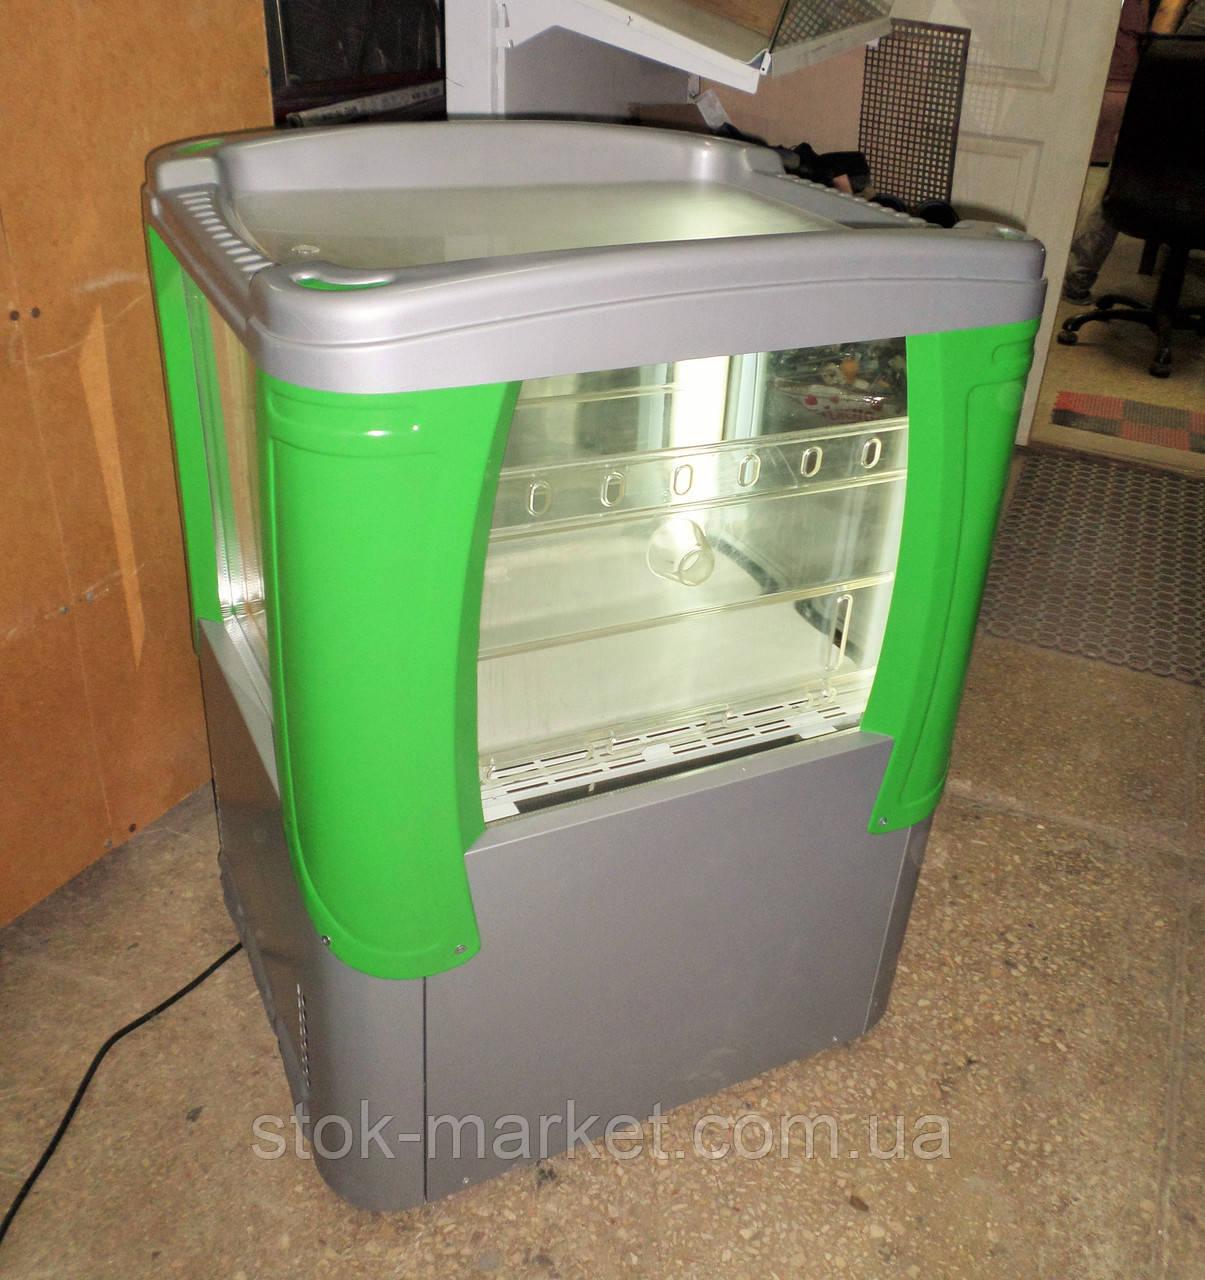 Открытая холодильная витрина norcool icm 2000 б/у , Открытый холодильник б/у, ларь для воды б у, витрина для в